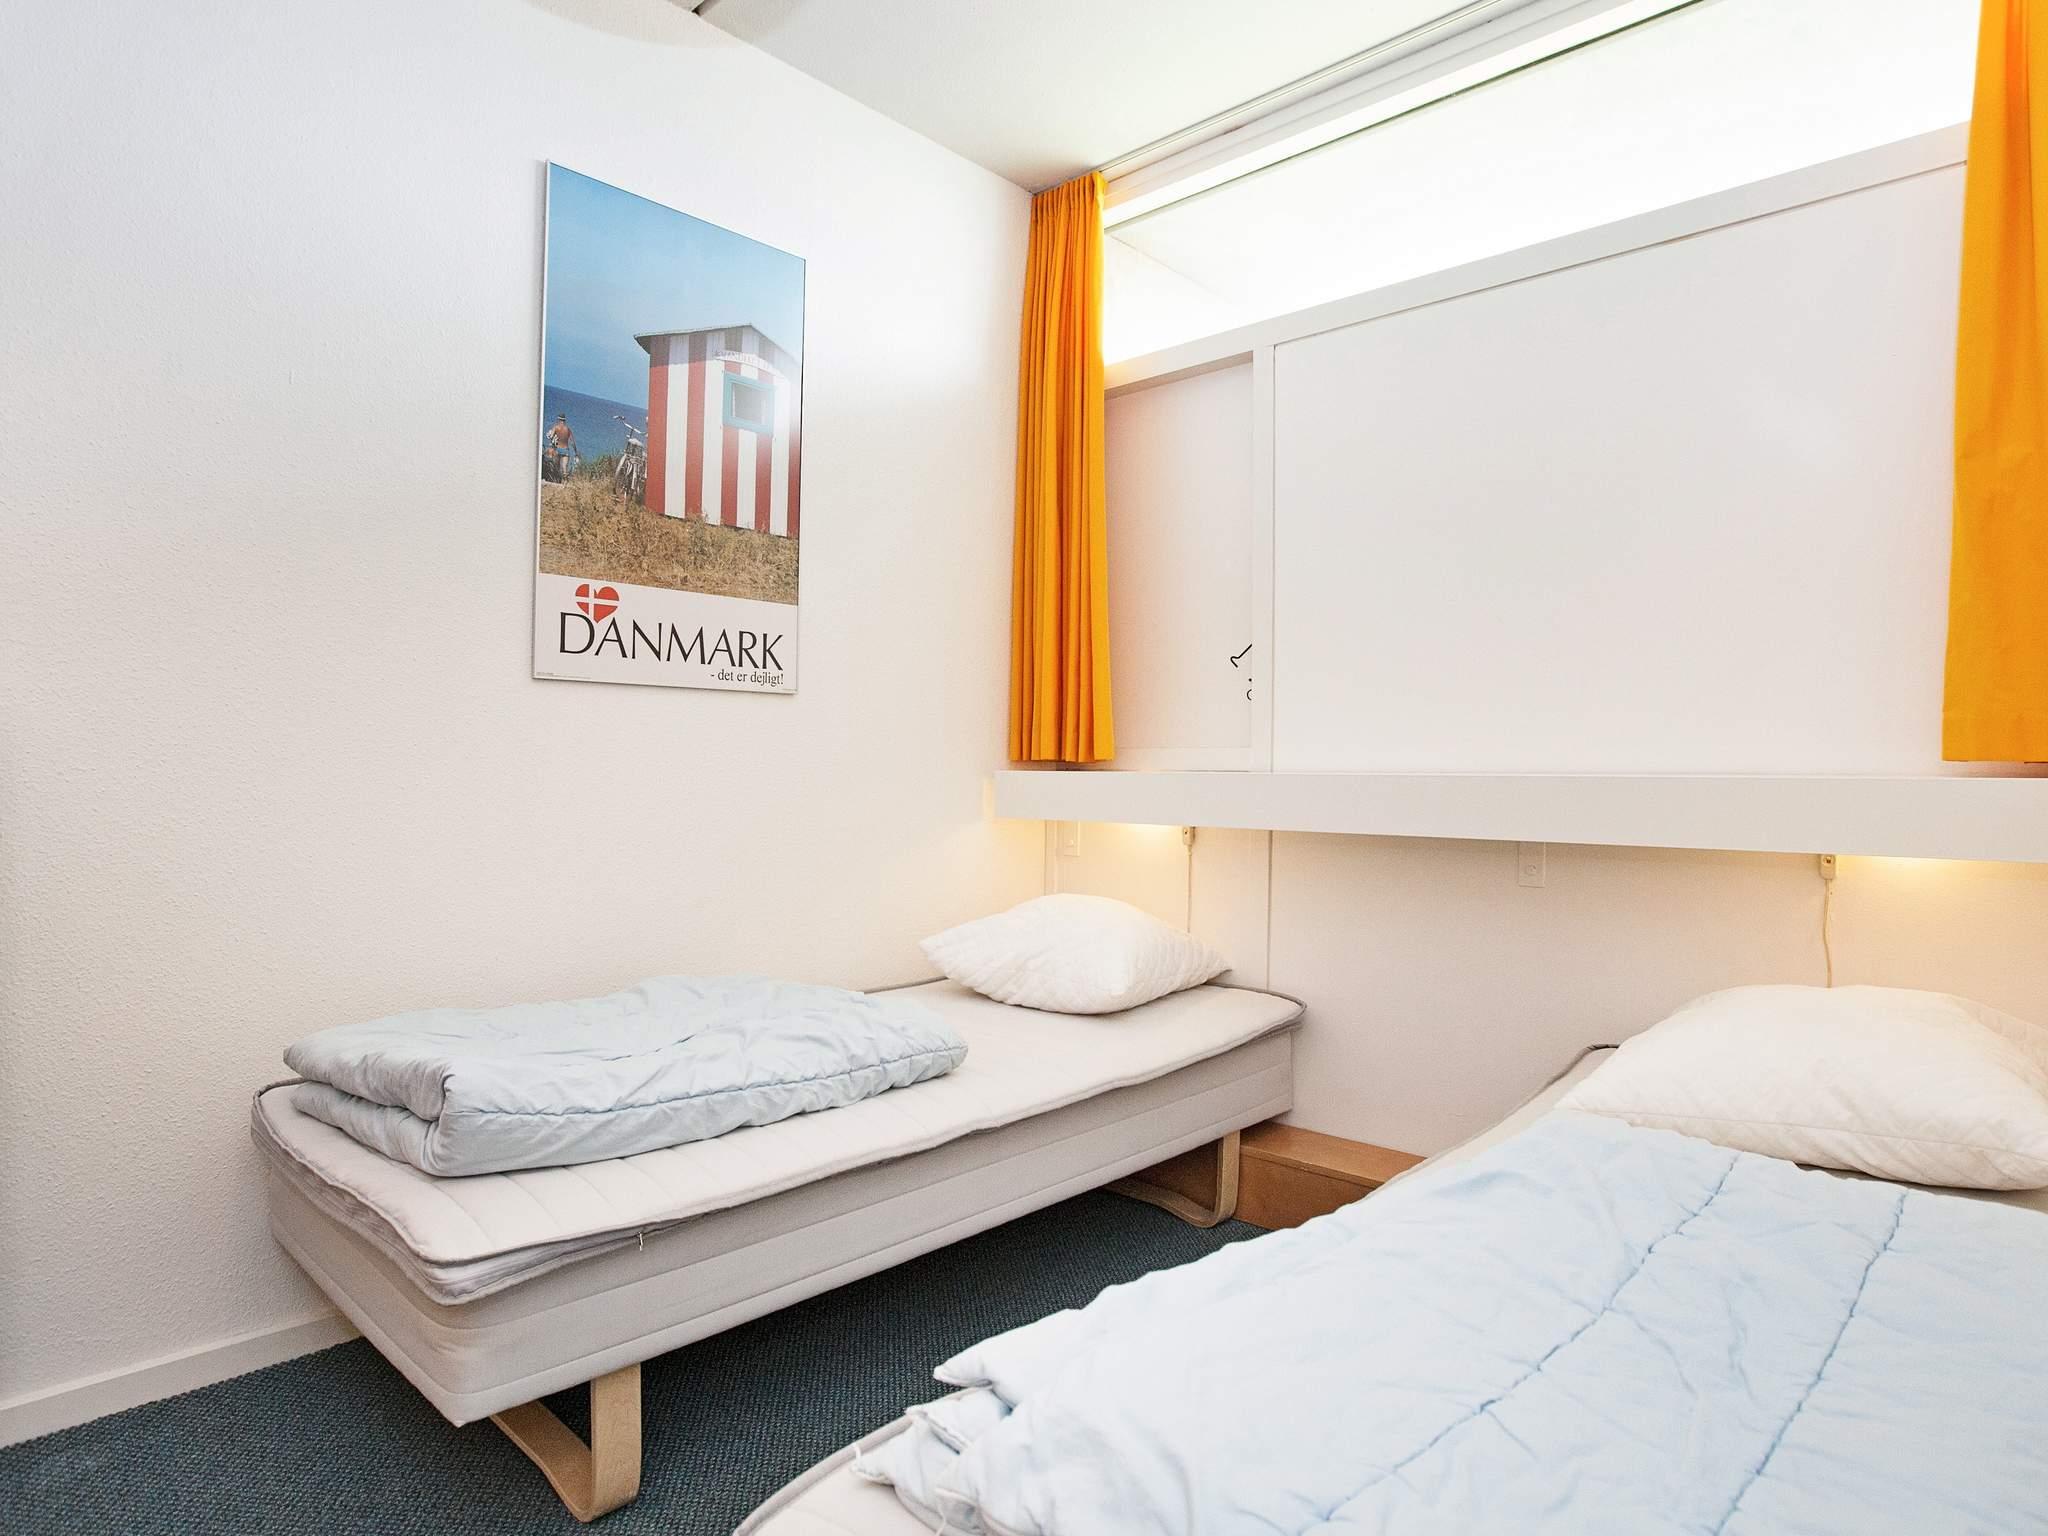 Ferienwohnung Hirtshals - Typ 1 - 2 Zimmer m/Meerblick (382686), Hirtshals, , Nordwestjütland, Dänemark, Bild 21